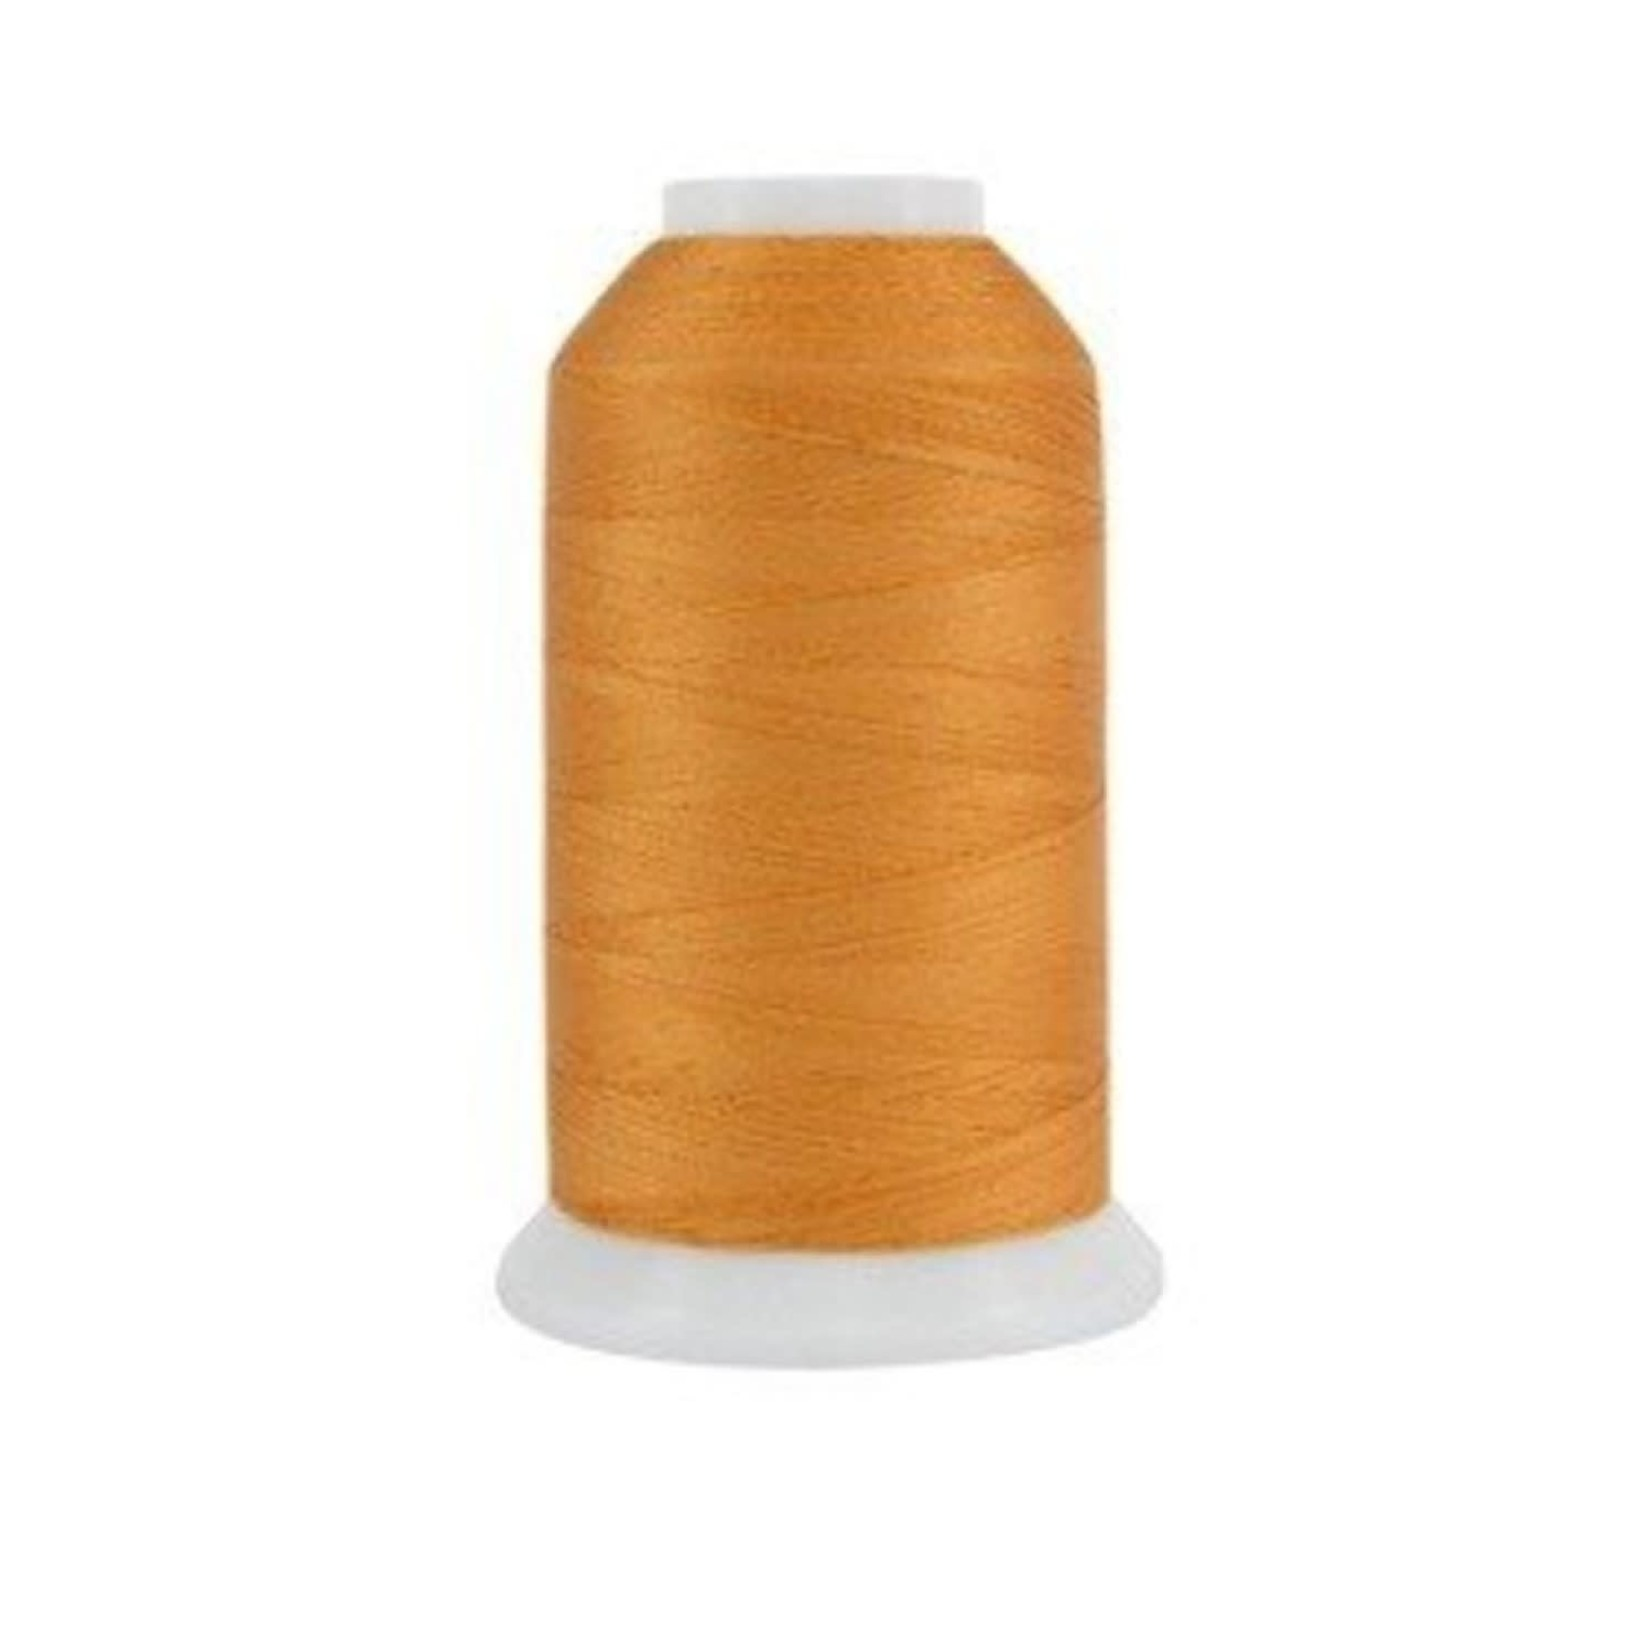 Superior Threads King Tut - #40 - 1828 m - 1014 Orange Zest